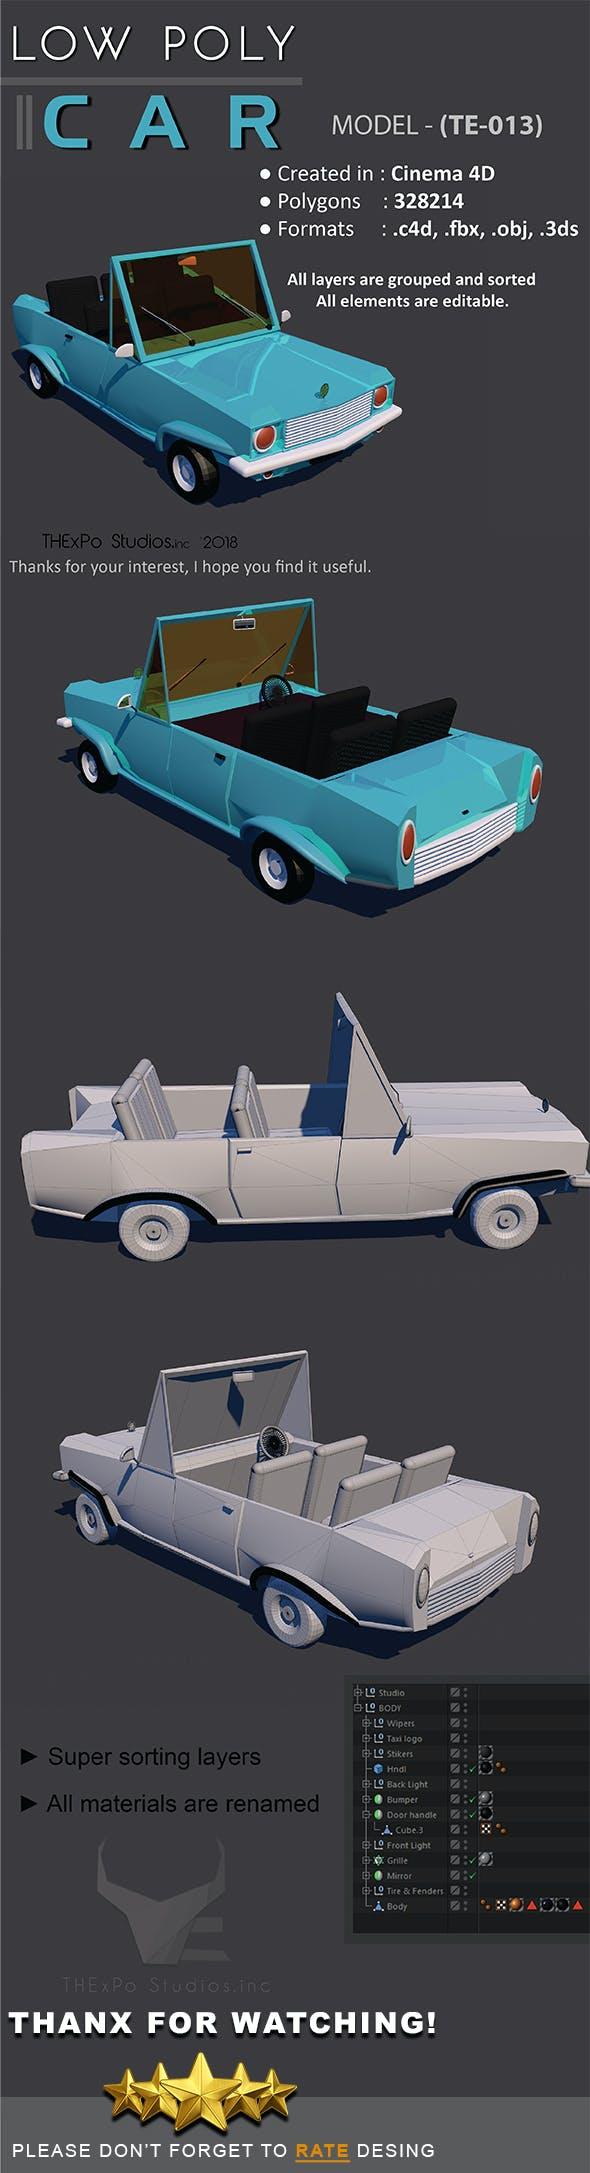 Low Poly Car || Model TE-013 - 3DOcean Item for Sale